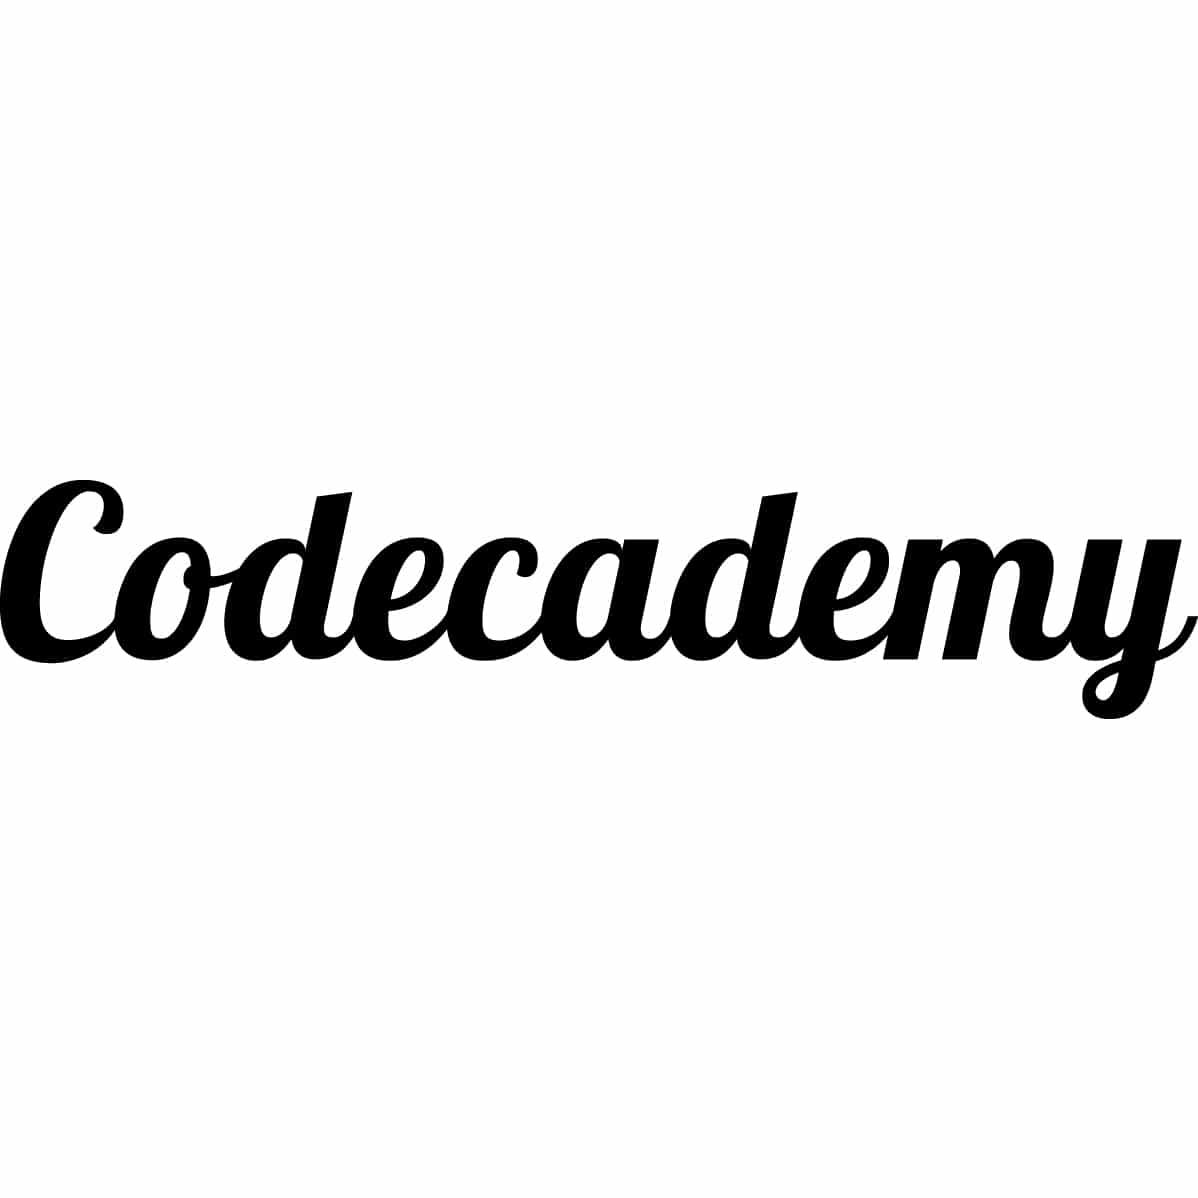 Bild von Codeacademy: Die einfache Art Programmieren zu lernen